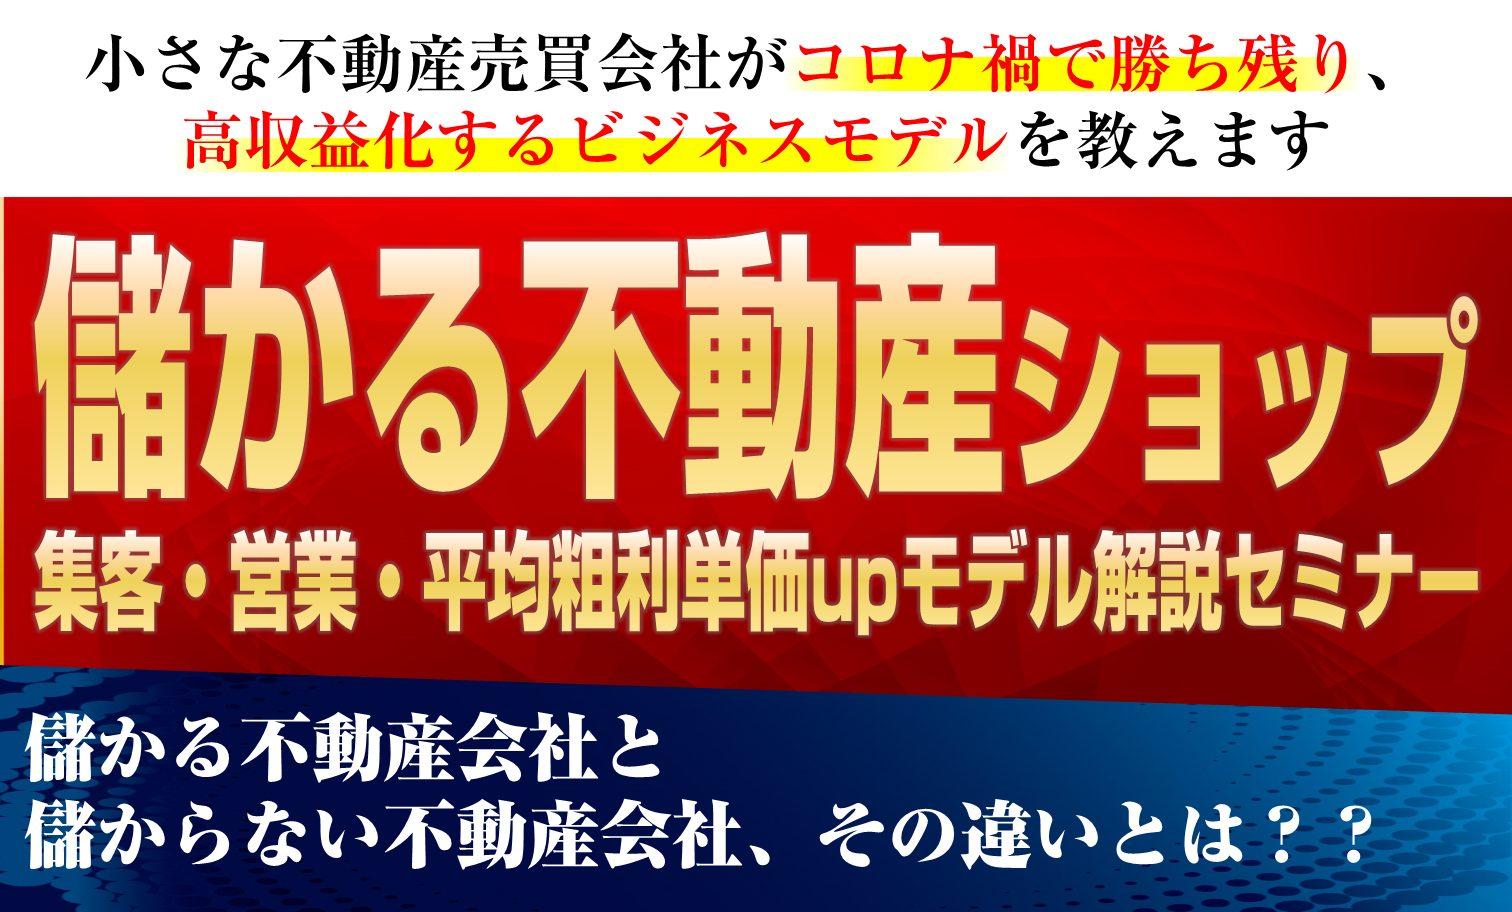 【千葉】不動産売買仲介会社向け 千葉県における高収益型ビジネスモデル解説セミナー202010